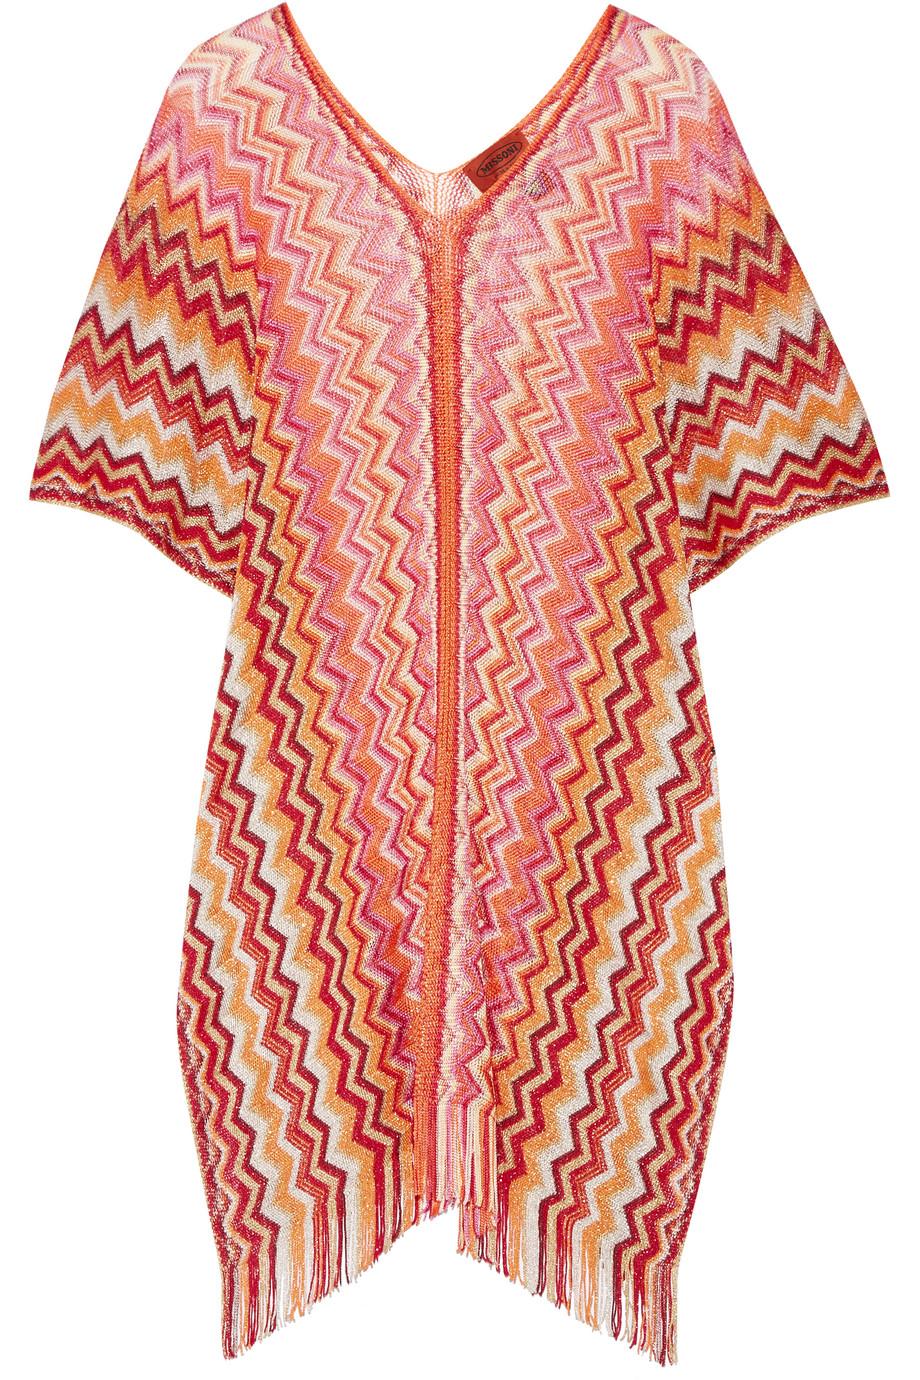 Missoni Metallic Crochet-Knit Poncho, Pink/Orange, Women's